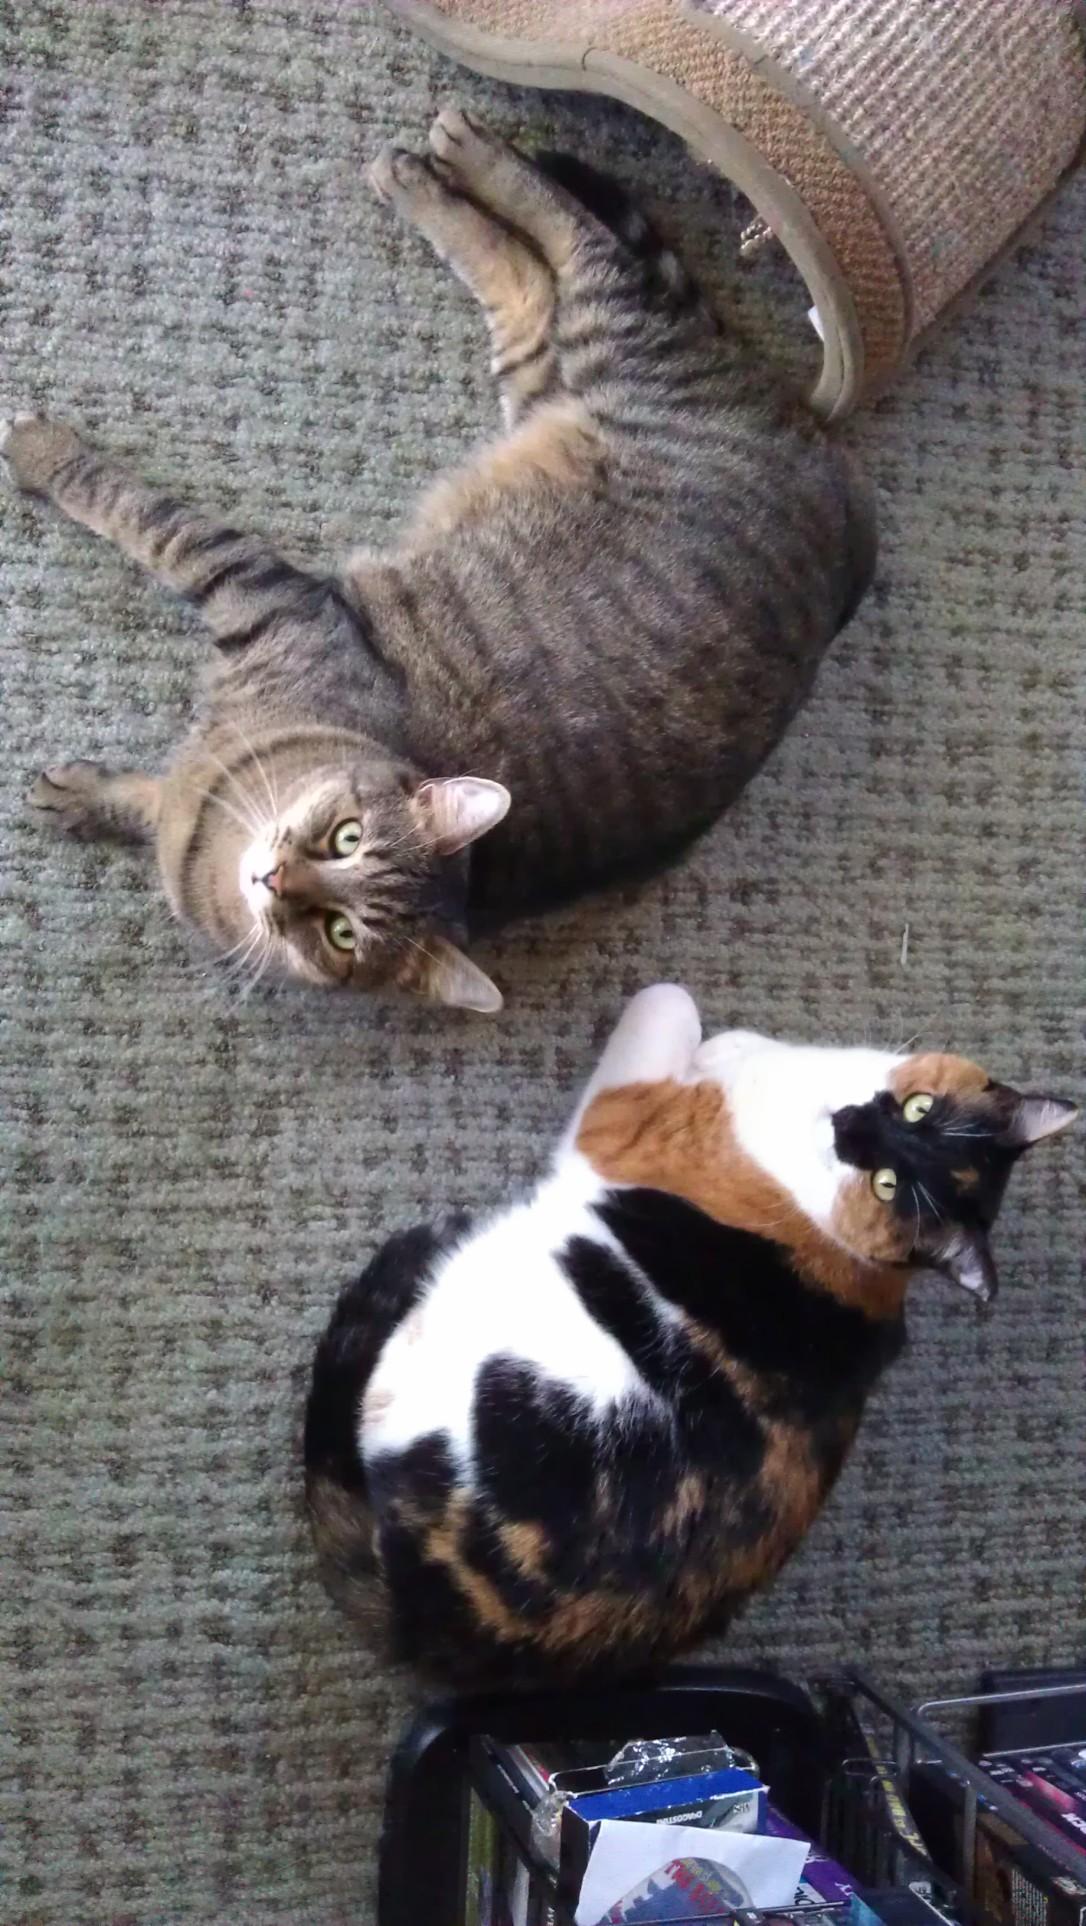 5/9/2012 kitties being cute